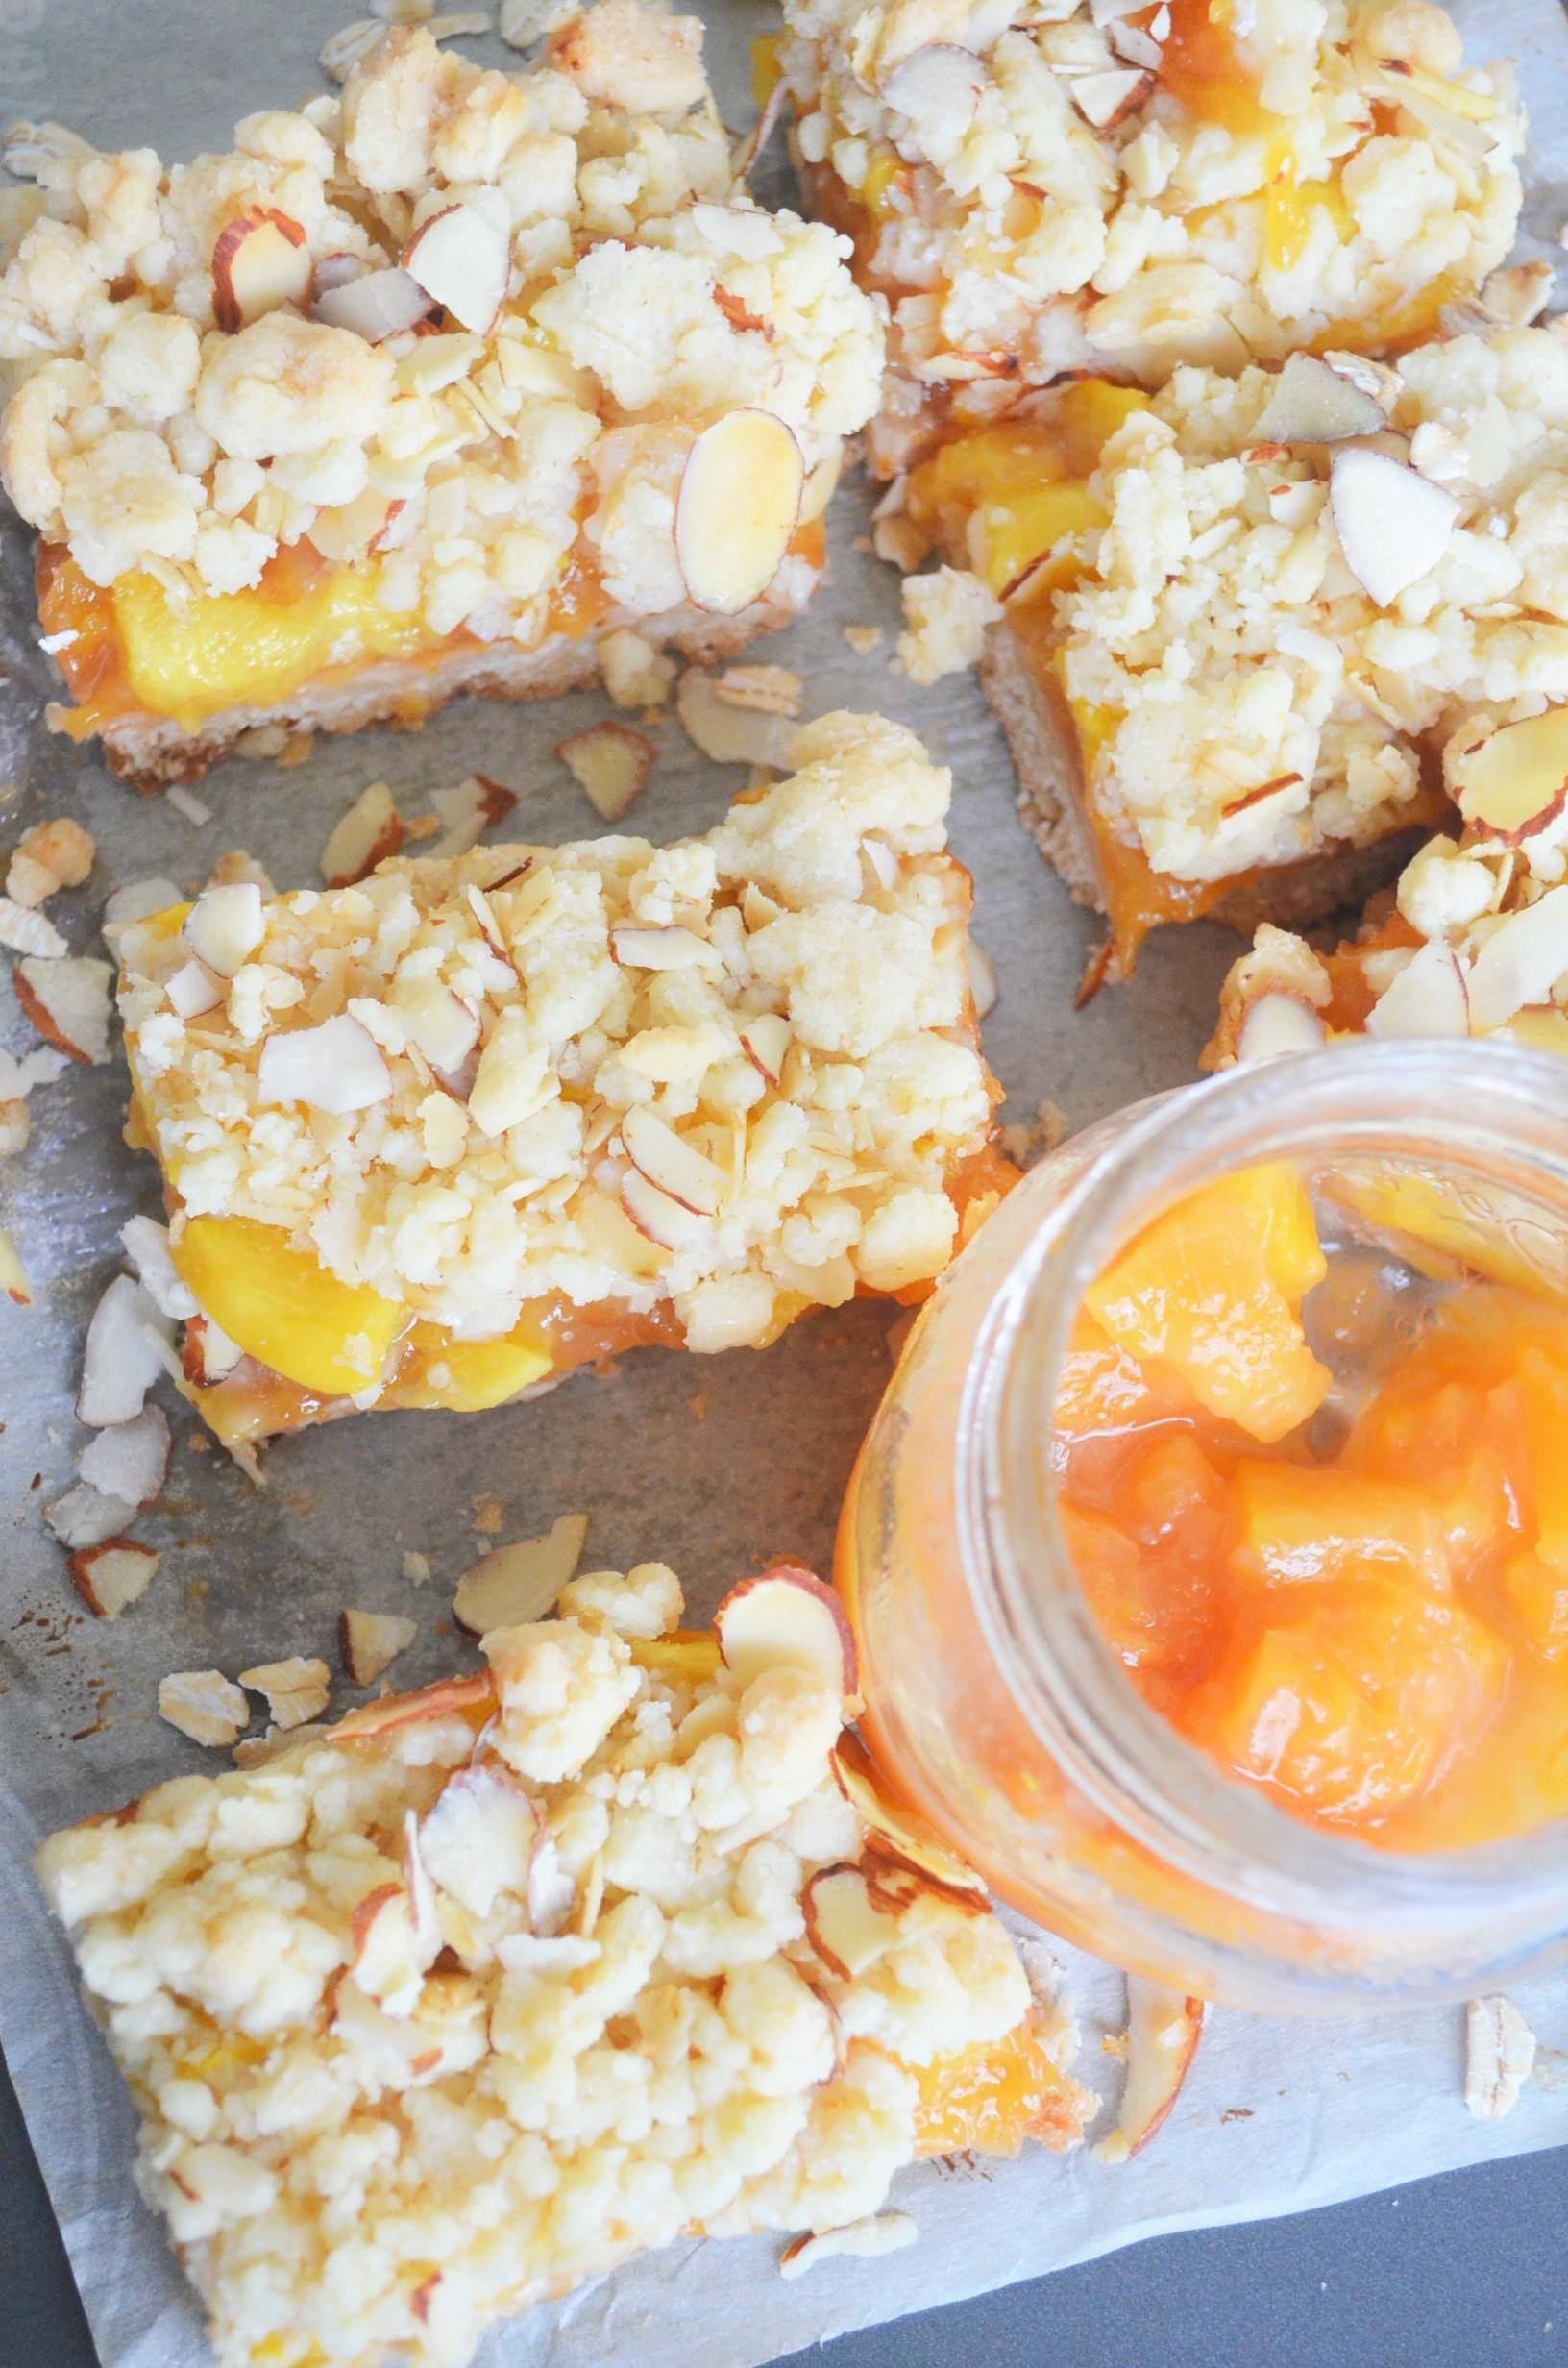 Peach Shortbread Oats Crumb Bar